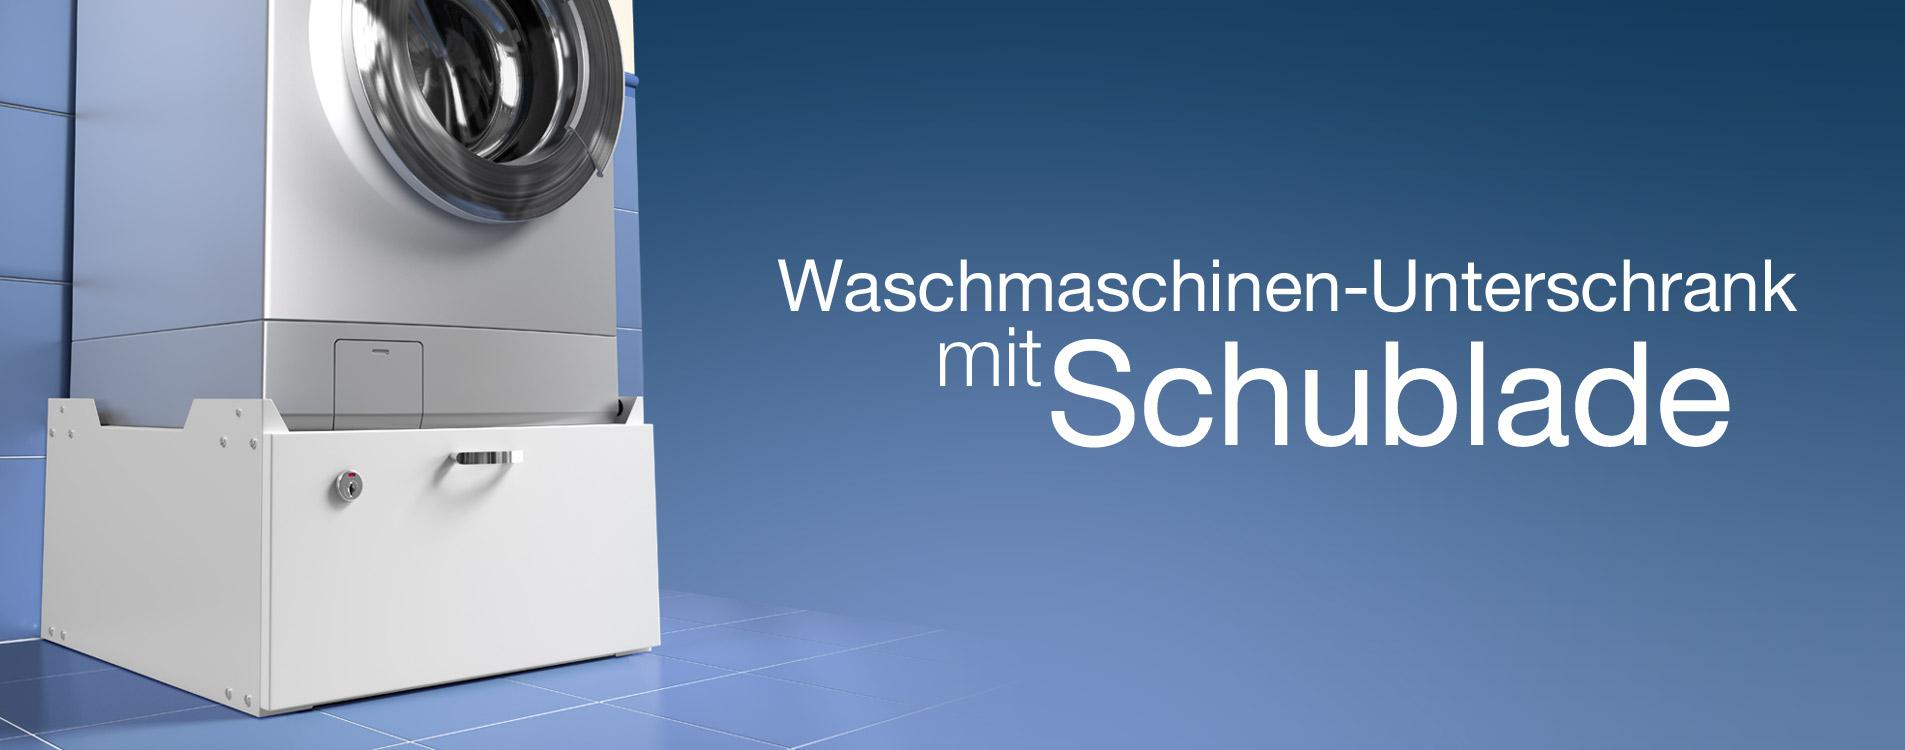 Waschmaschinen-Unterschrank mit Schublade Modell 610